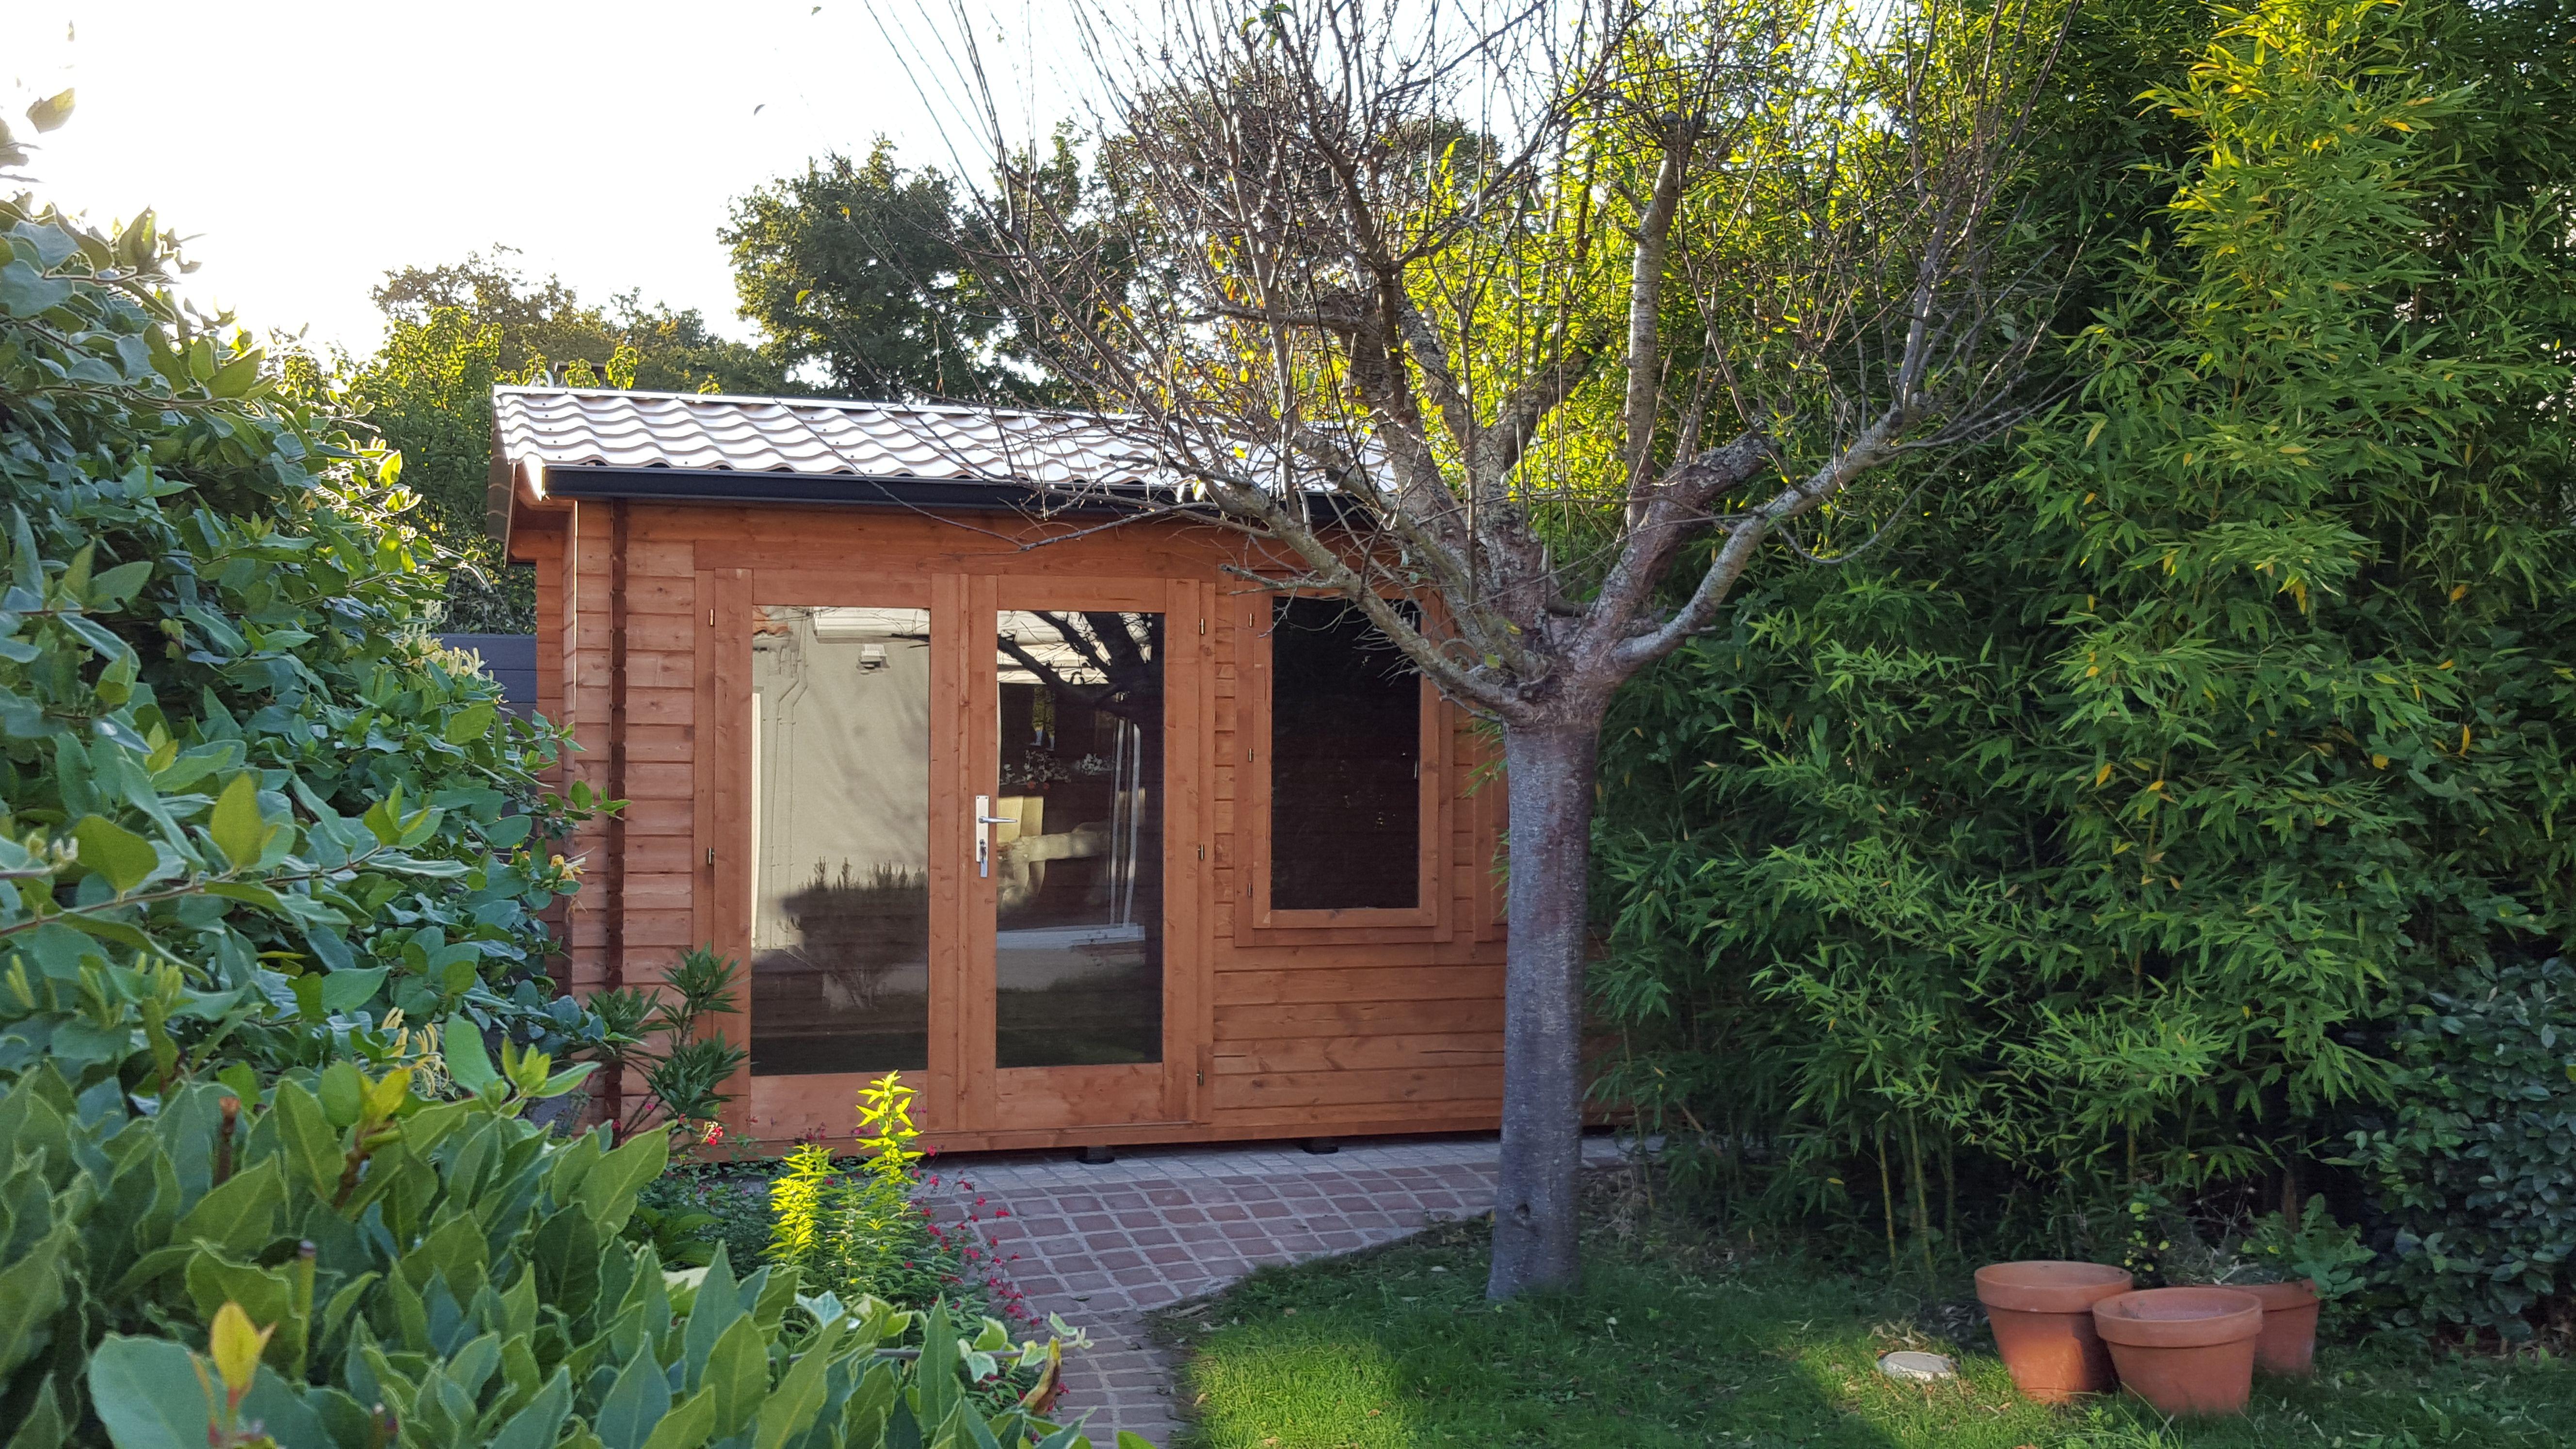 abris de jardin en madrier ou ossature bois avec bardage pvc autour